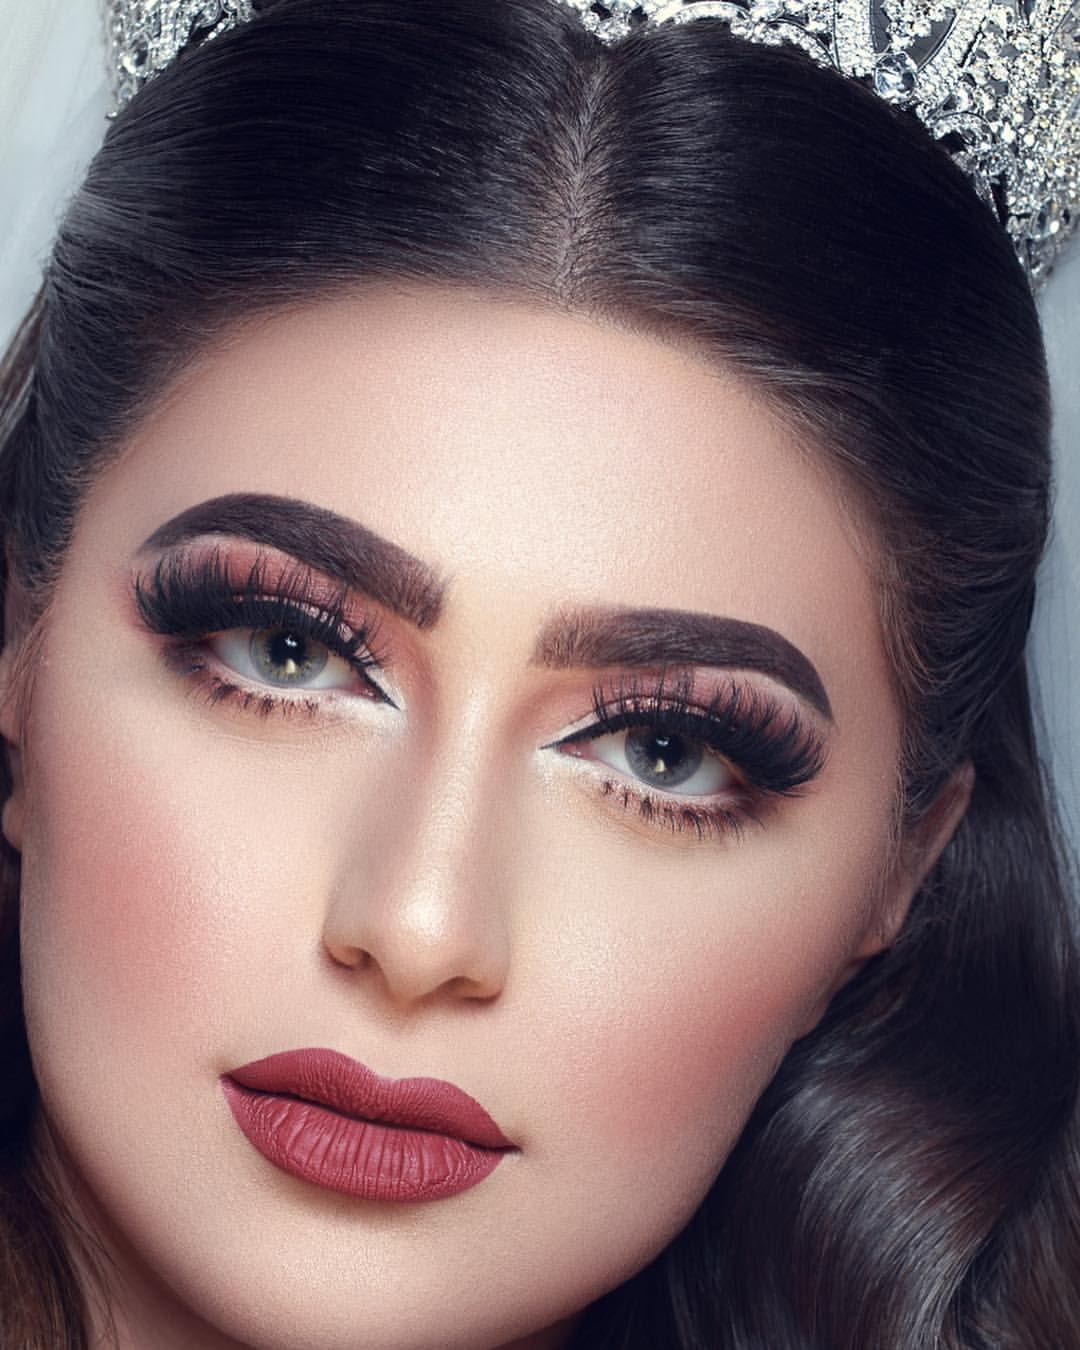 تفاصيل لوك عروستي الانيقه Simple Makeup Girls Makeup Bridal Makeup